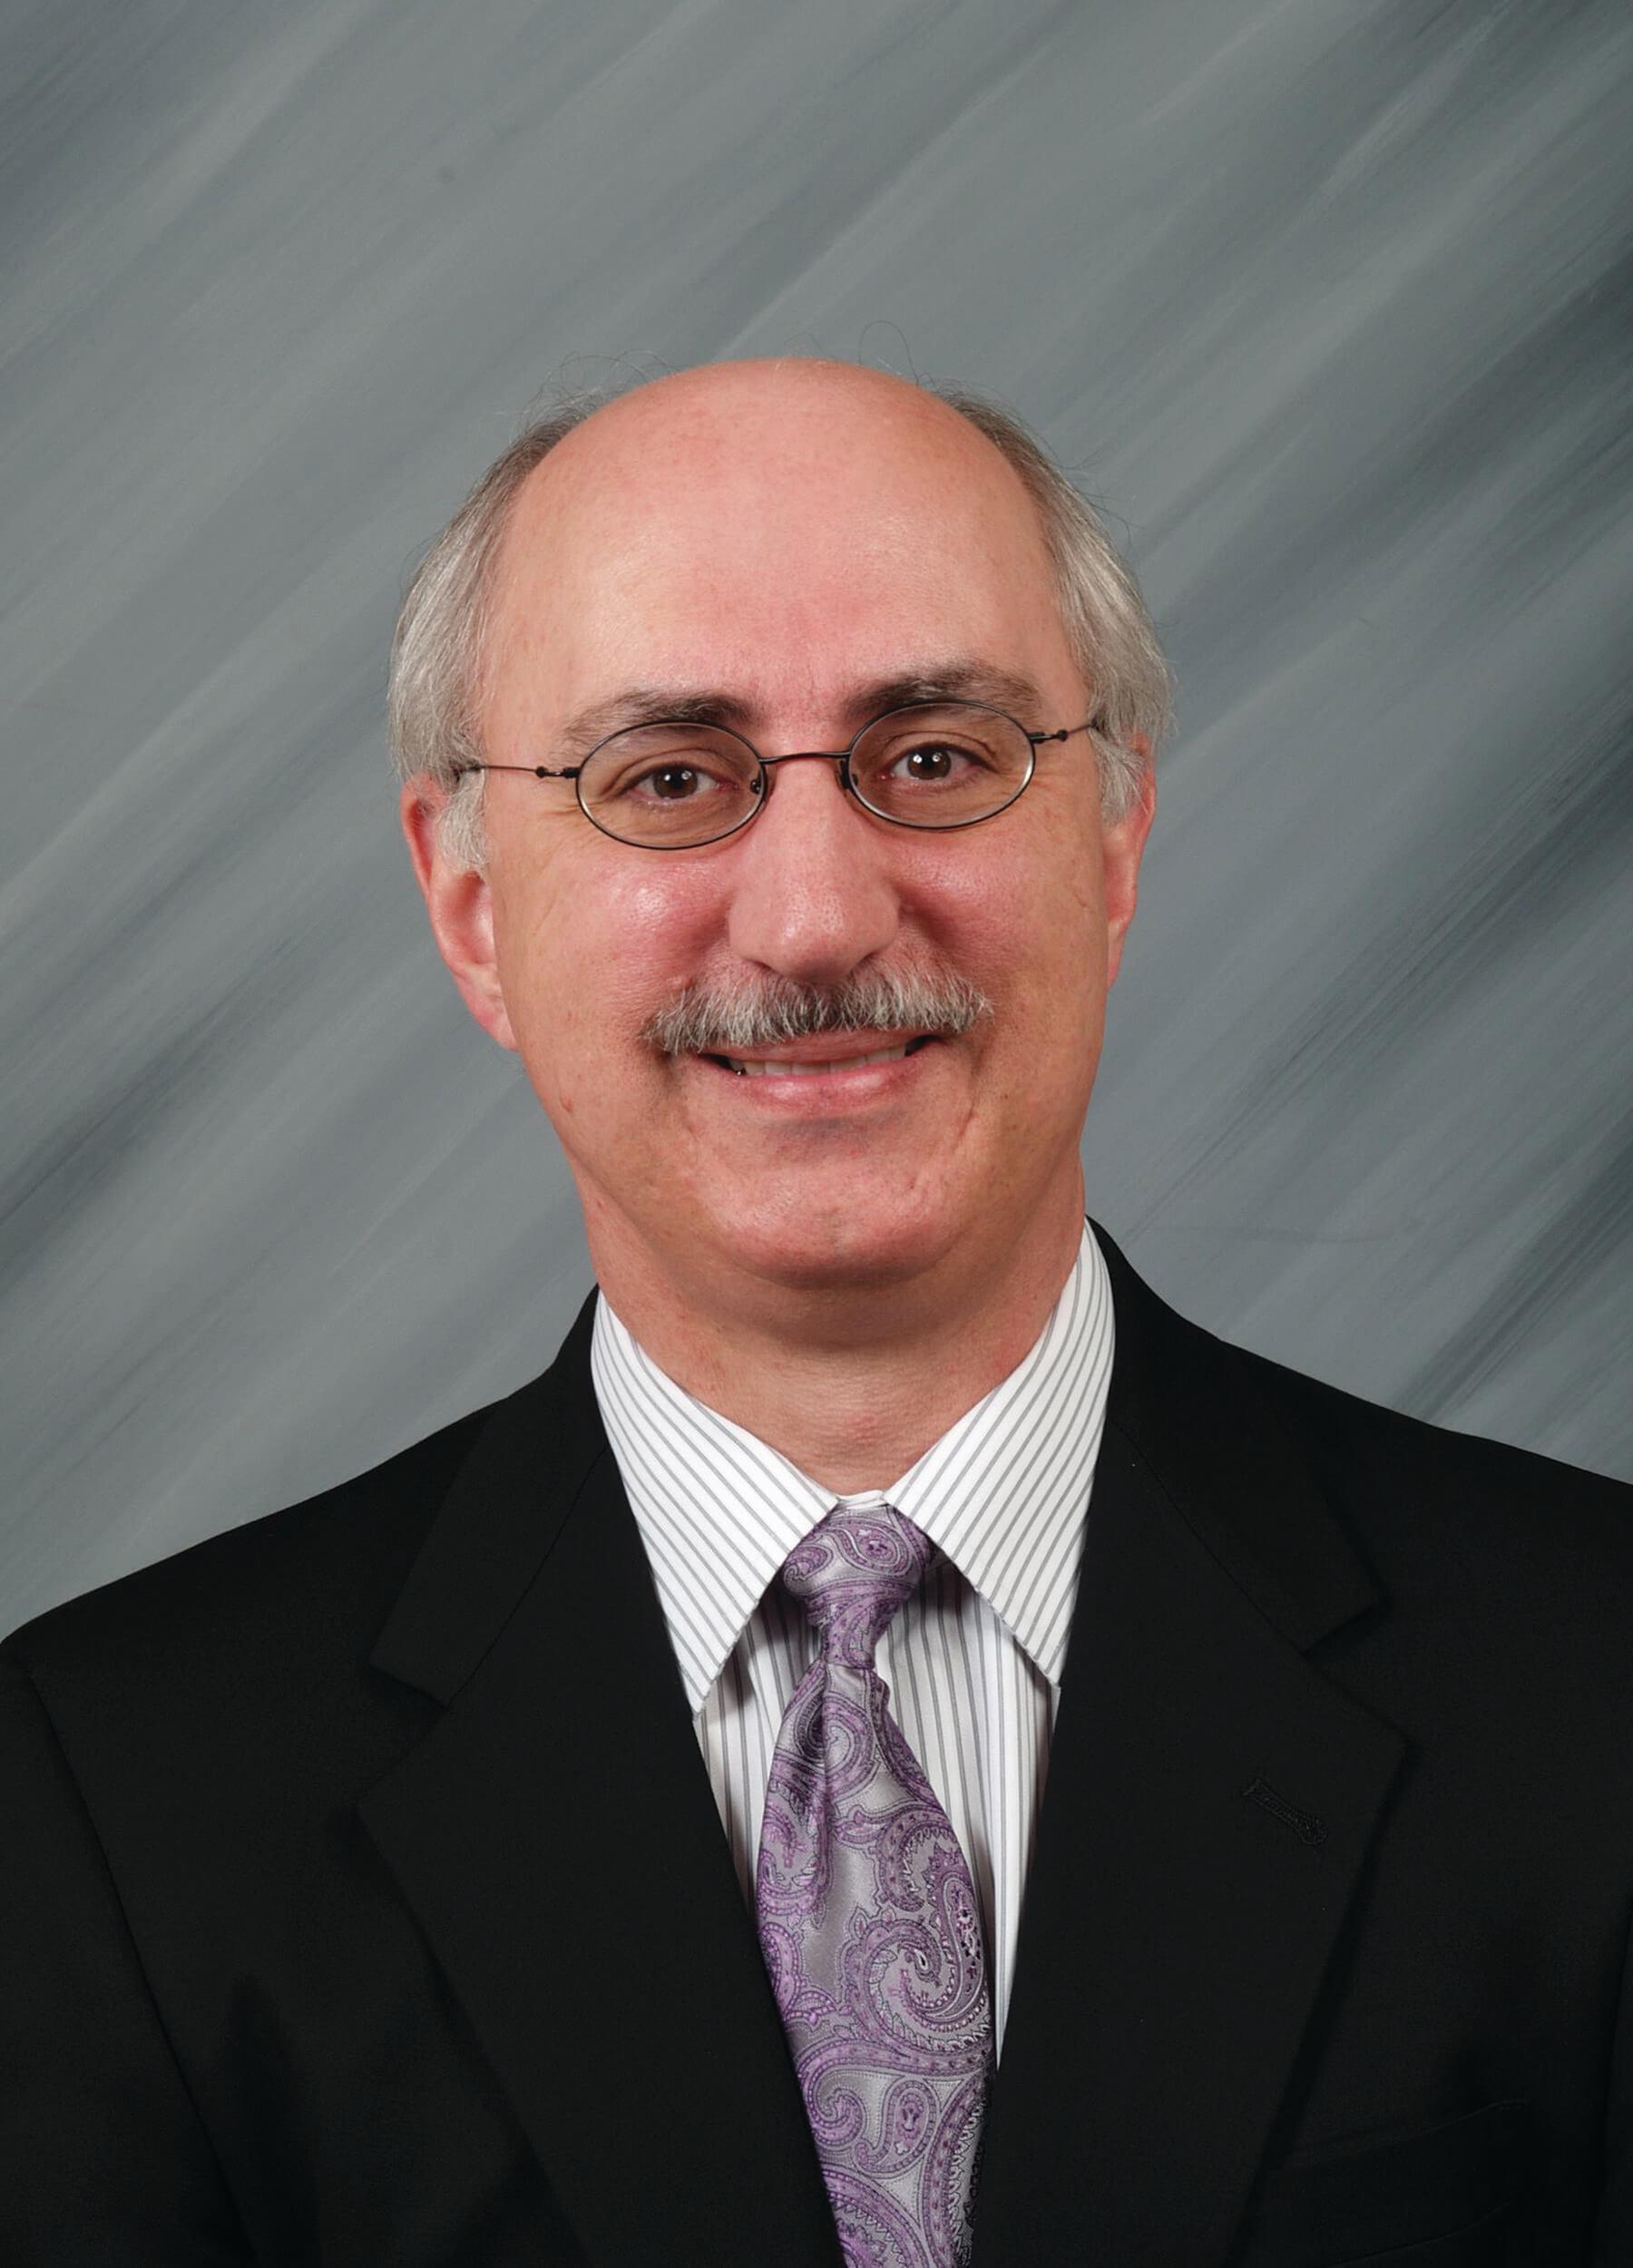 Robert A. Mazzoli, MD, FACS